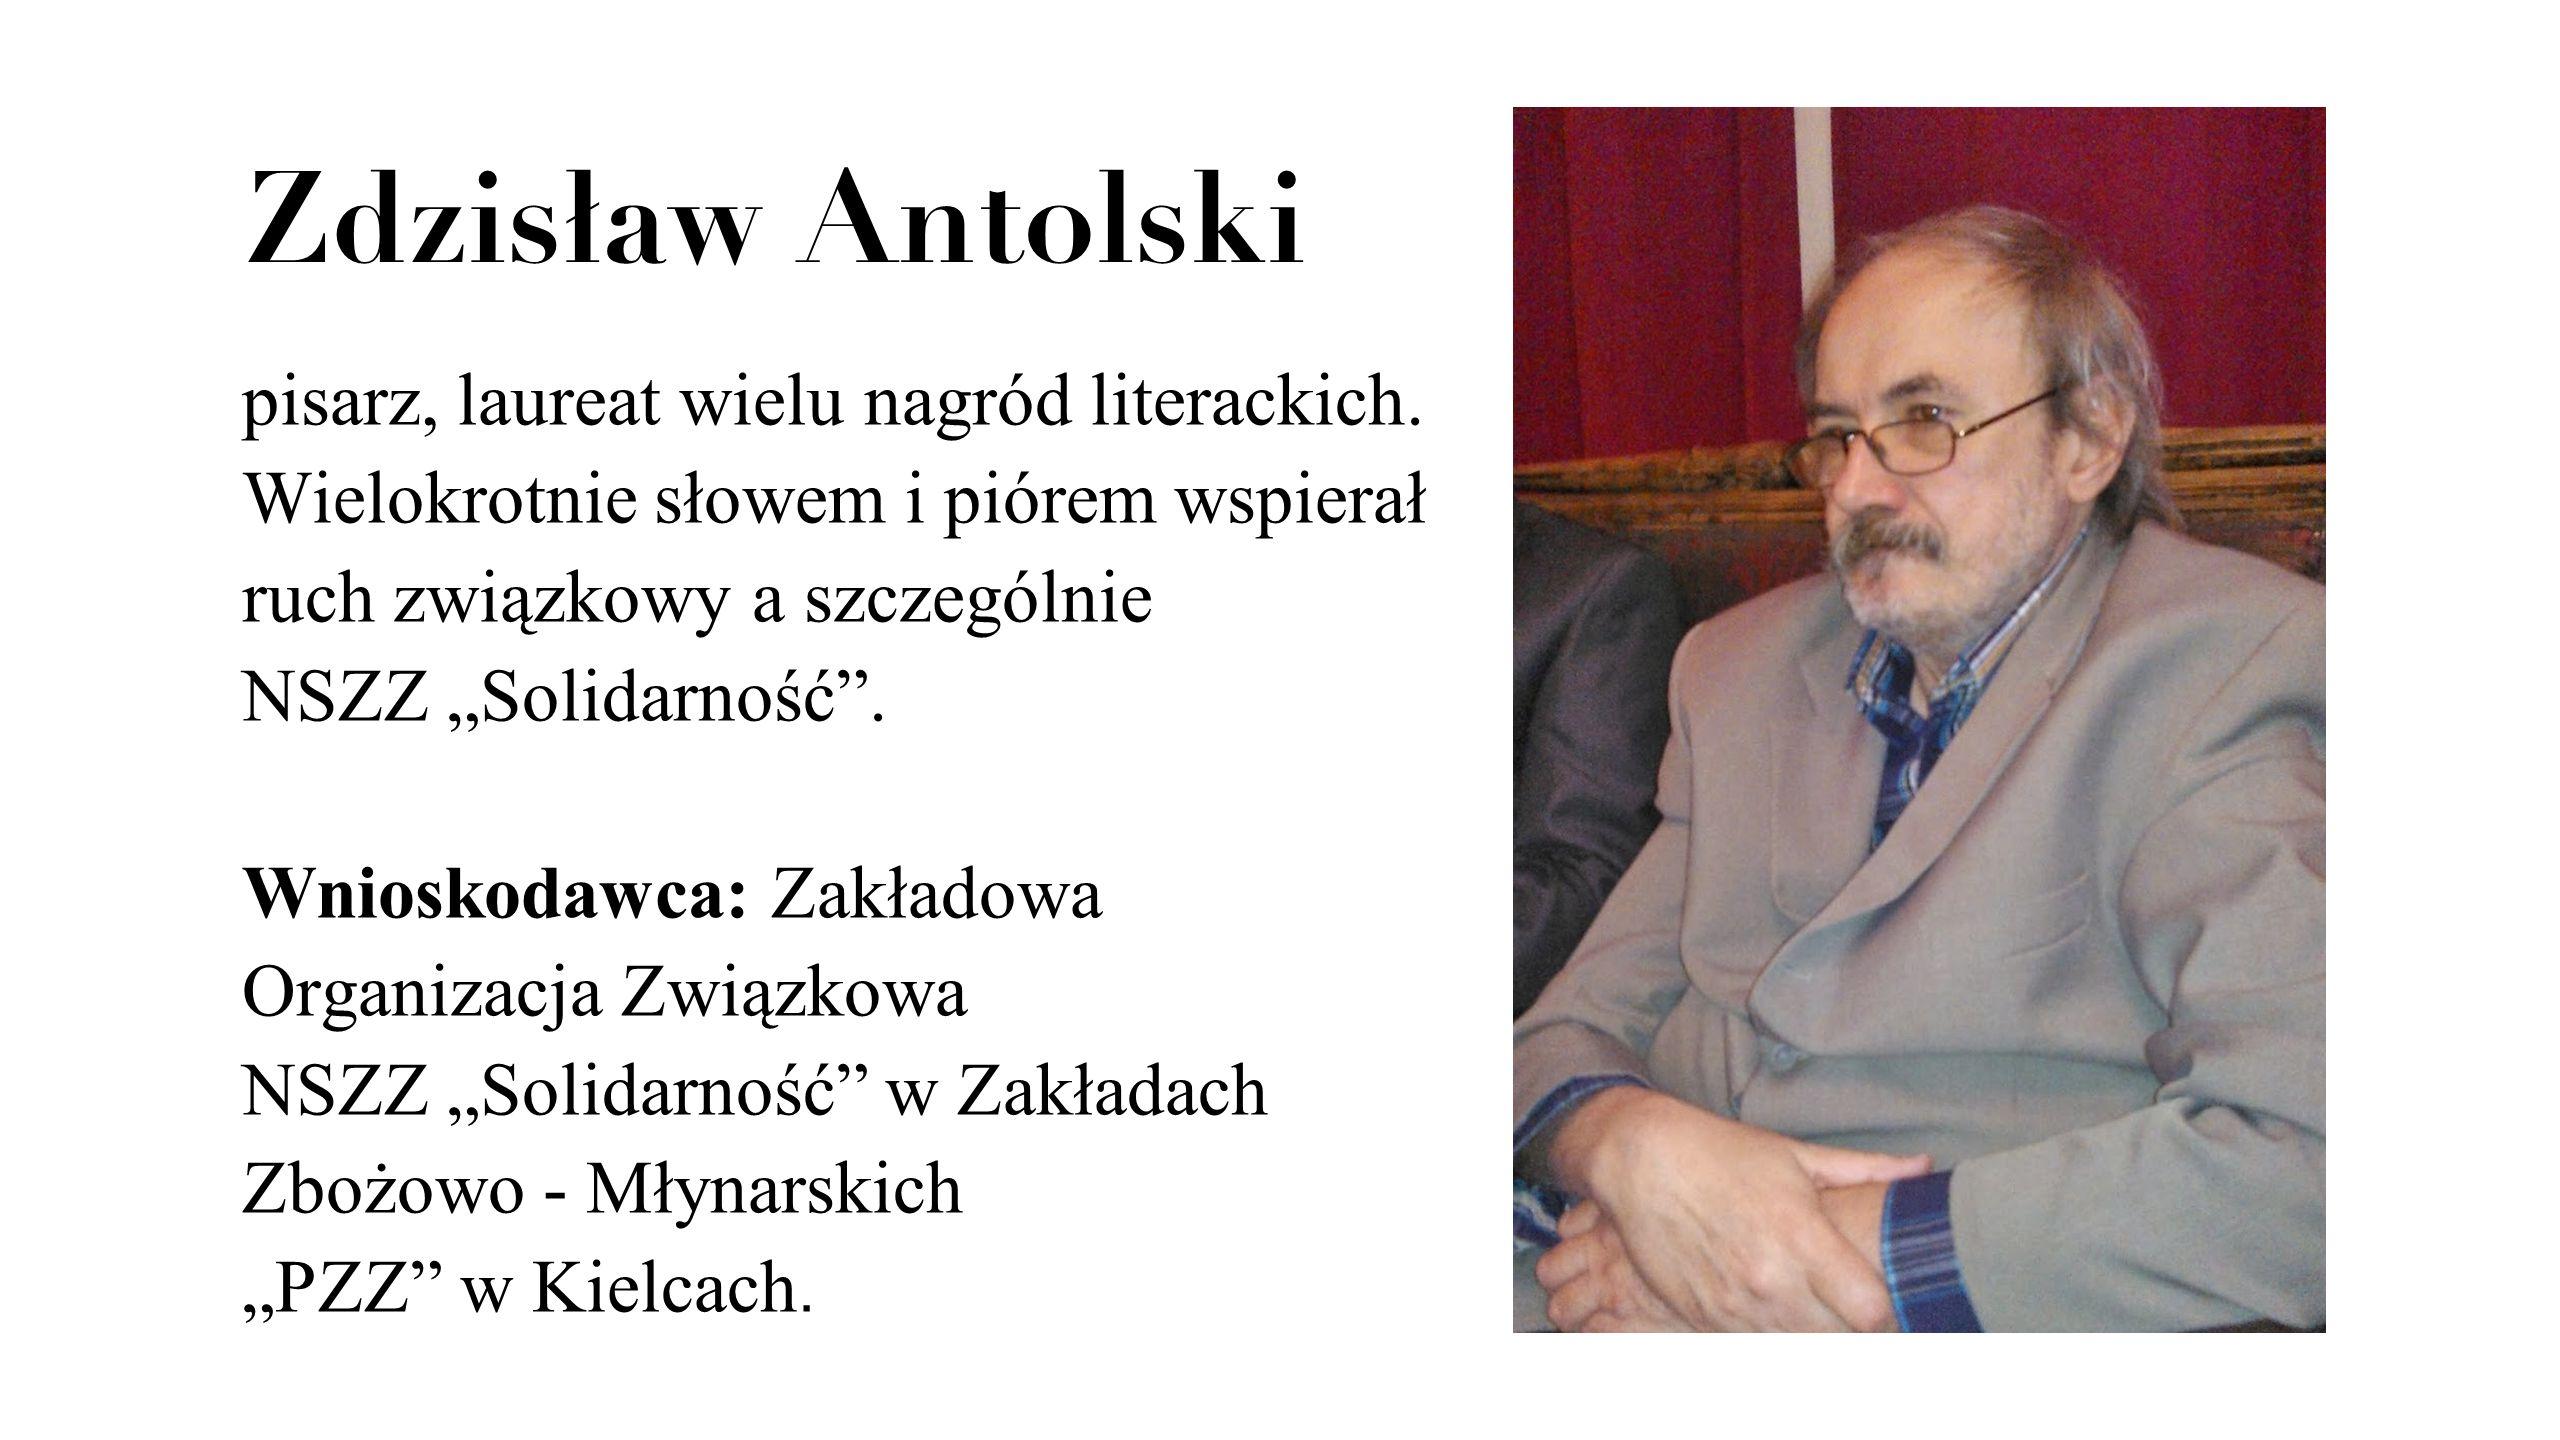 """Zdzisław Antolski pisarz, laureat wielu nagród literackich. Wielokrotnie słowem i piórem wspierał ruch związkowy a szczególnie NSZZ """"Solidarność ."""